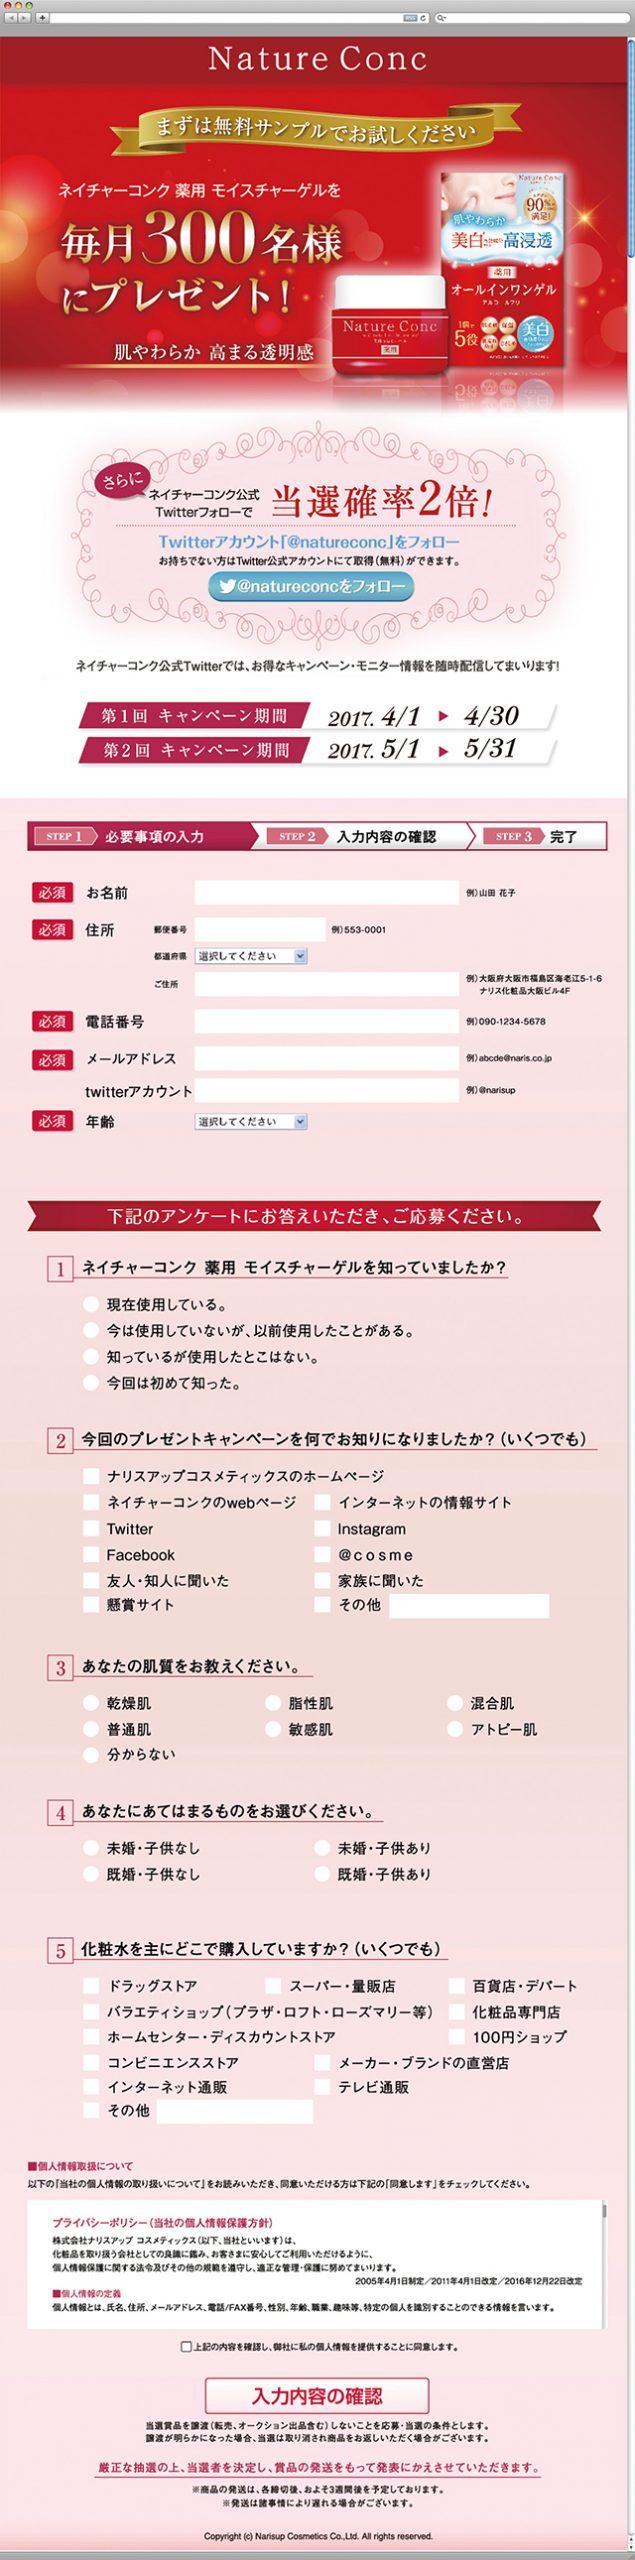 化粧品メーカー WEBキャンペーンページ デザイン制作、コーディング